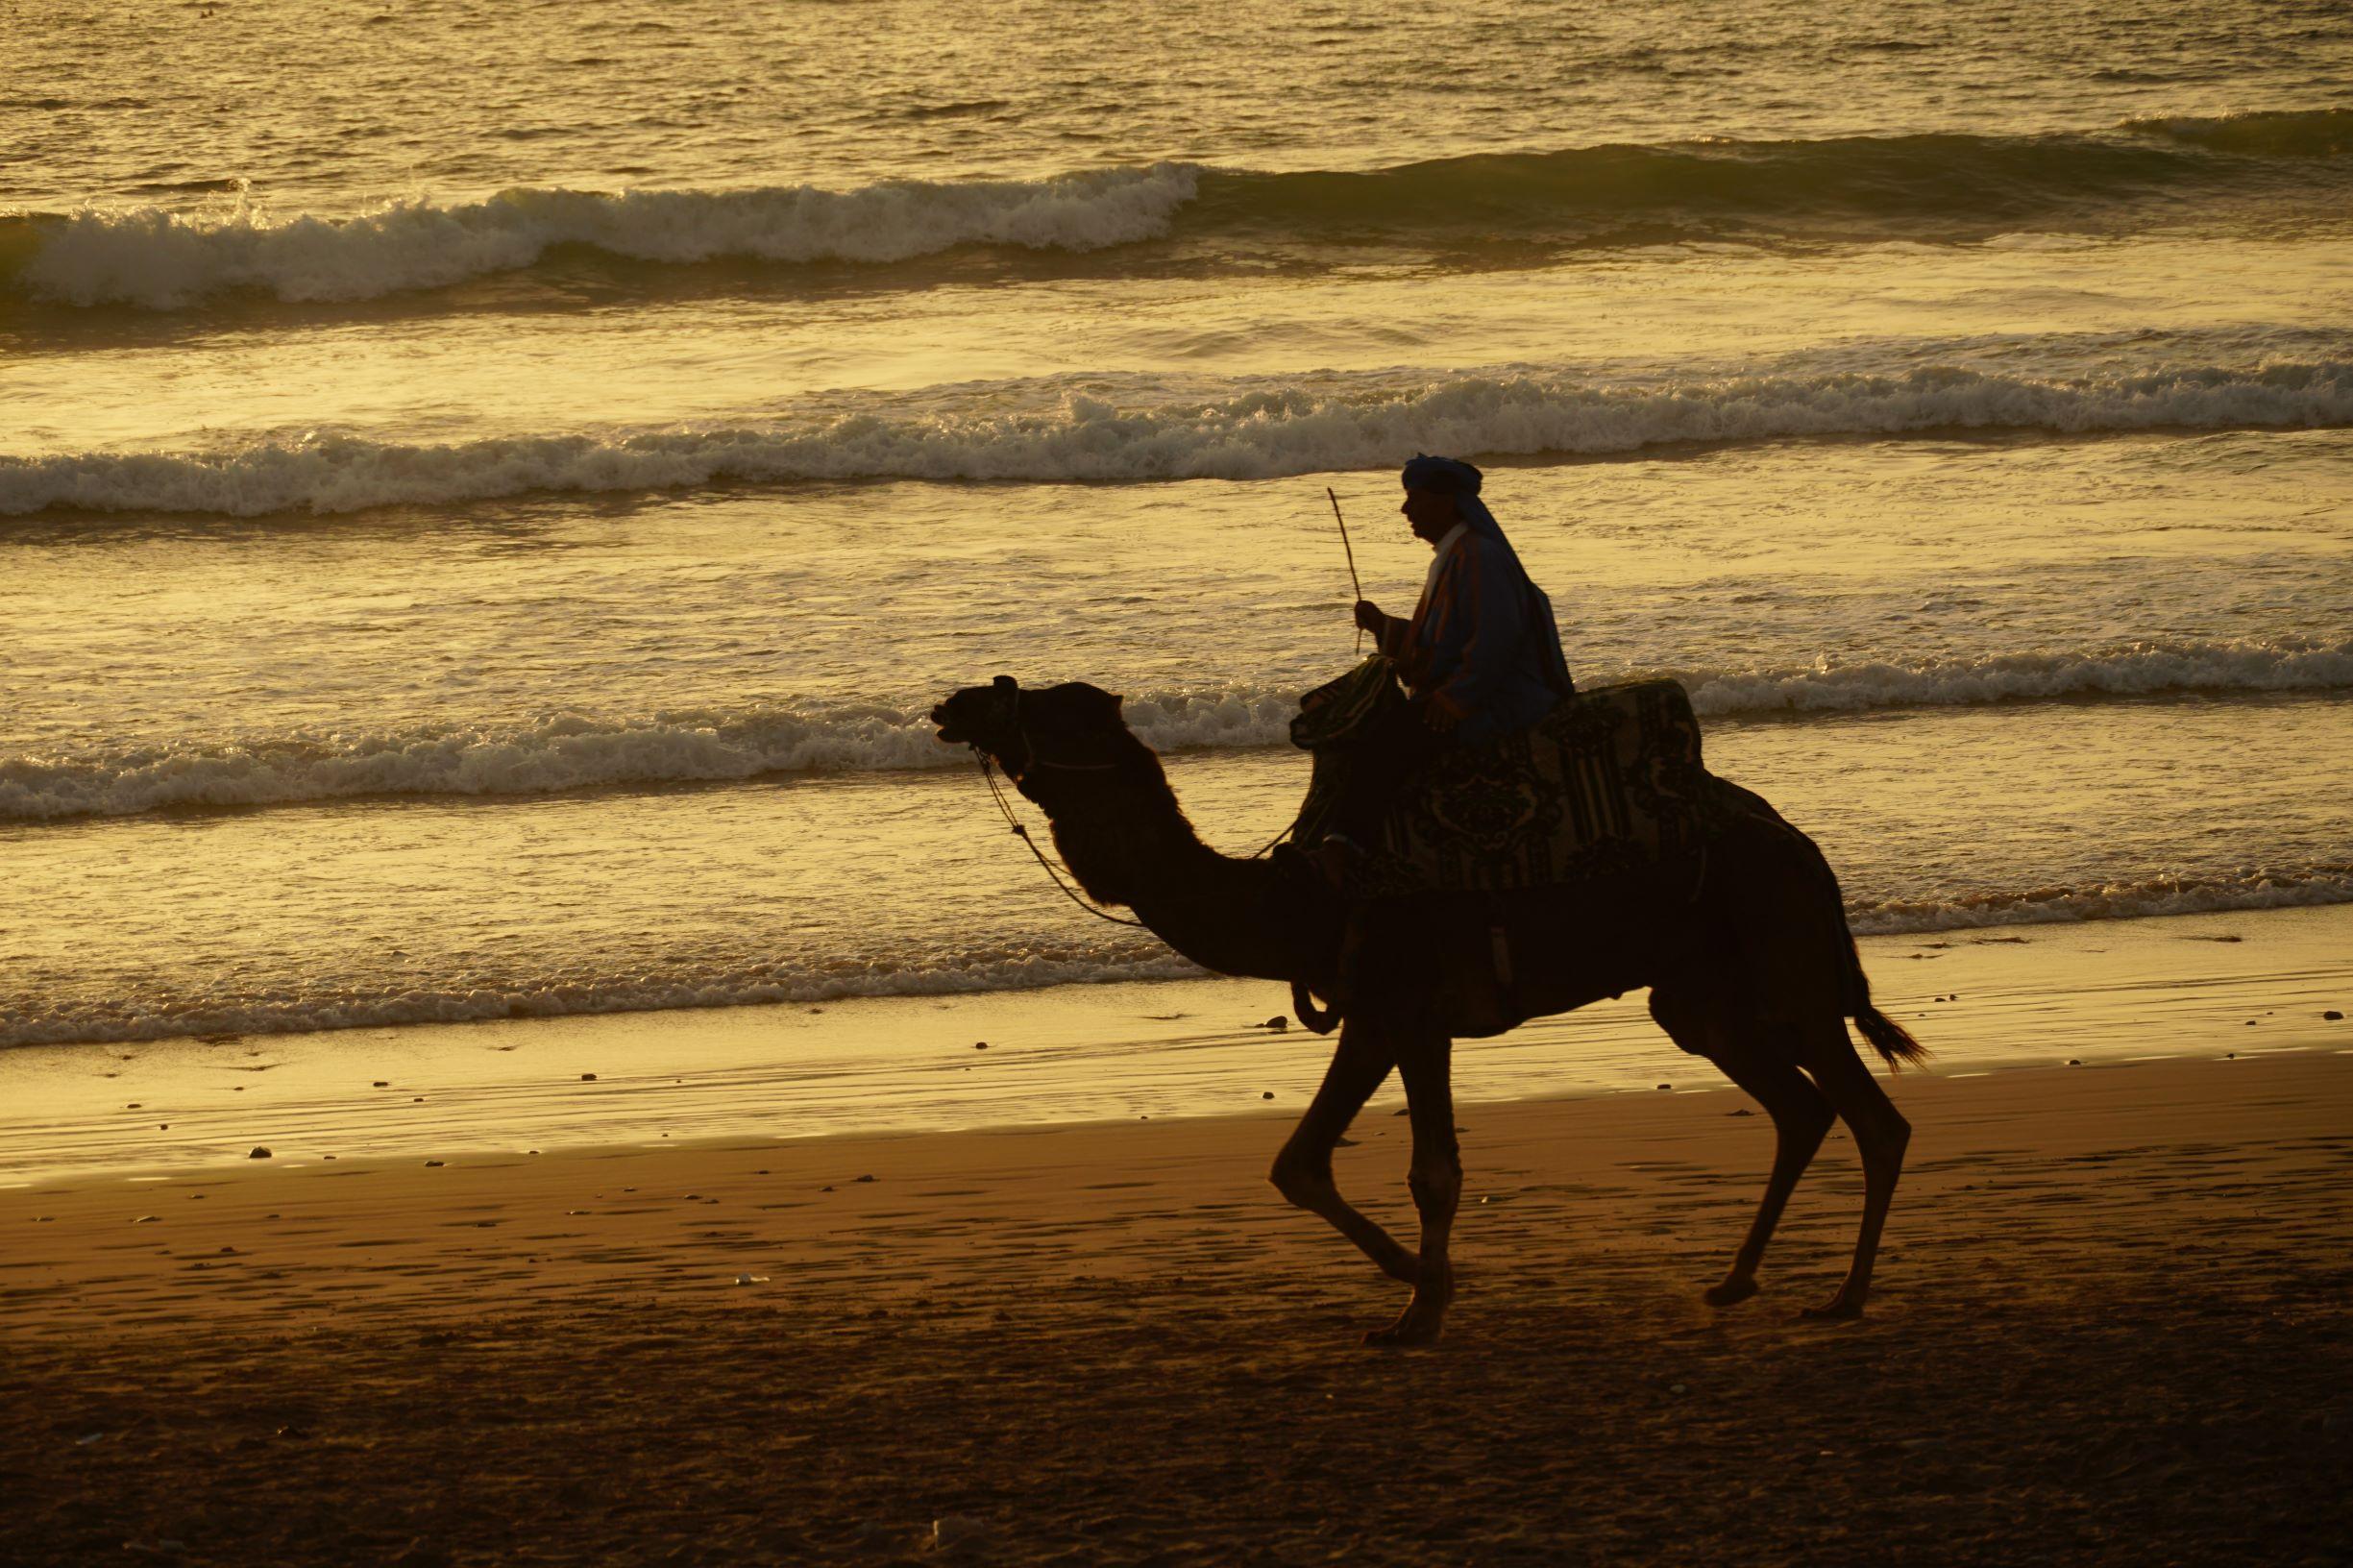 騎著駱駝的藍衣人